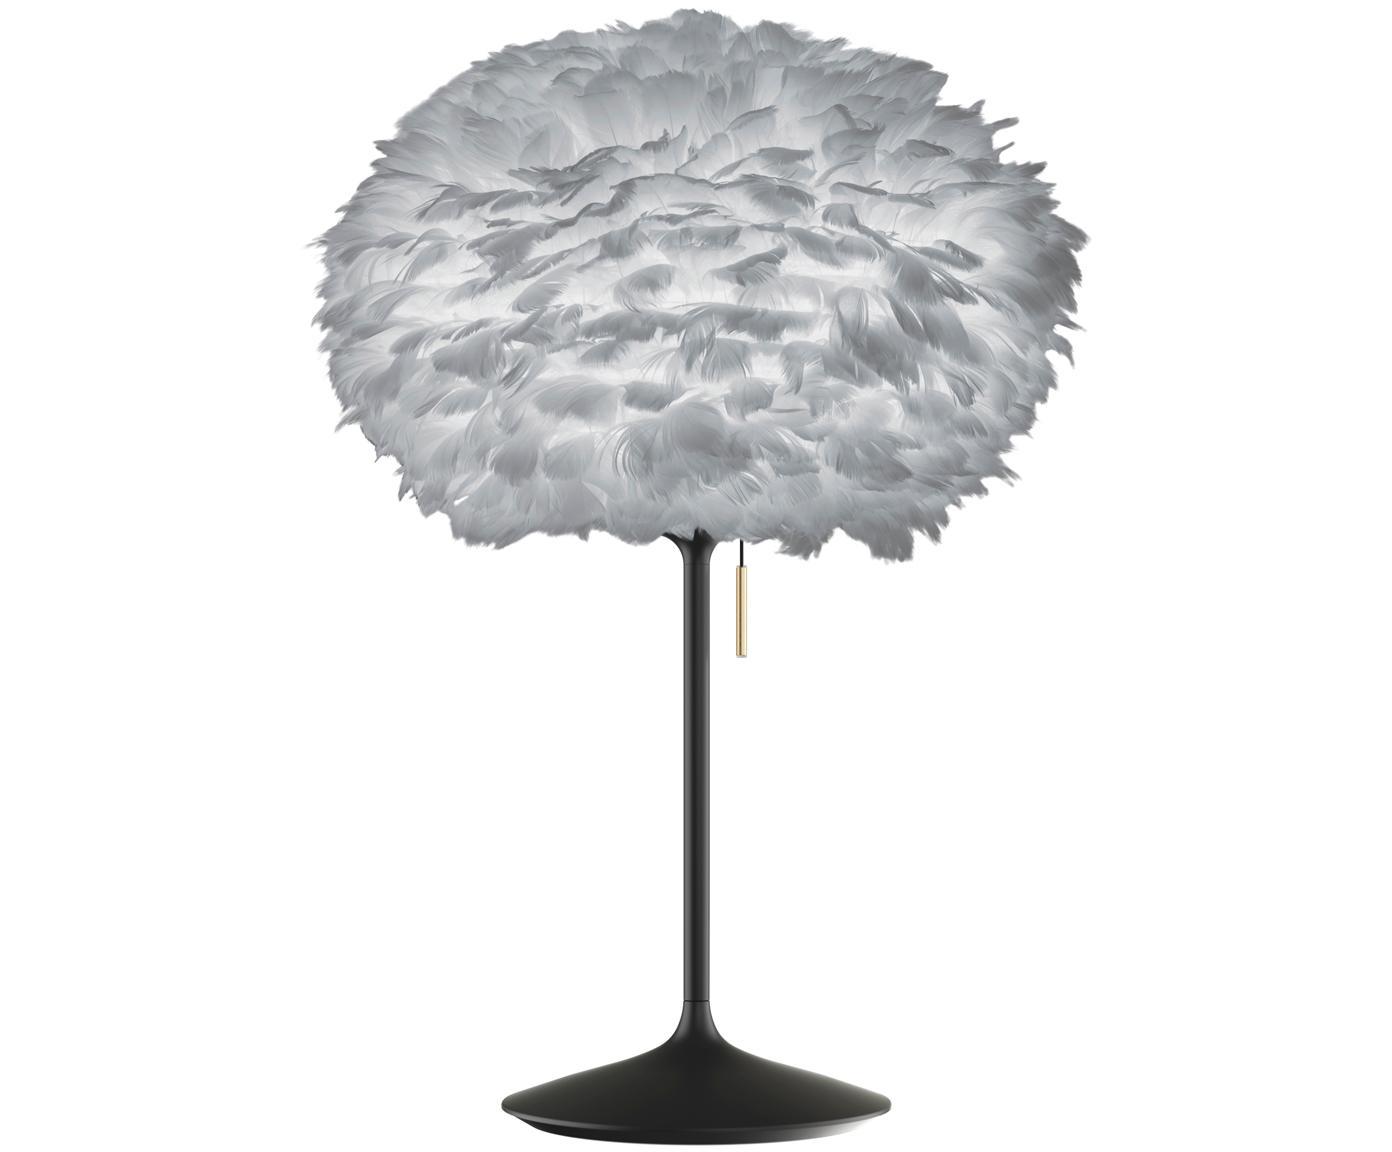 Grote tafellamp Eos Champagne, Lampenkap: ganzeveren, Lampvoet: gelakt aluminium, Frame: staal, Grijs, zwart, Ø 35 x H 62 cm